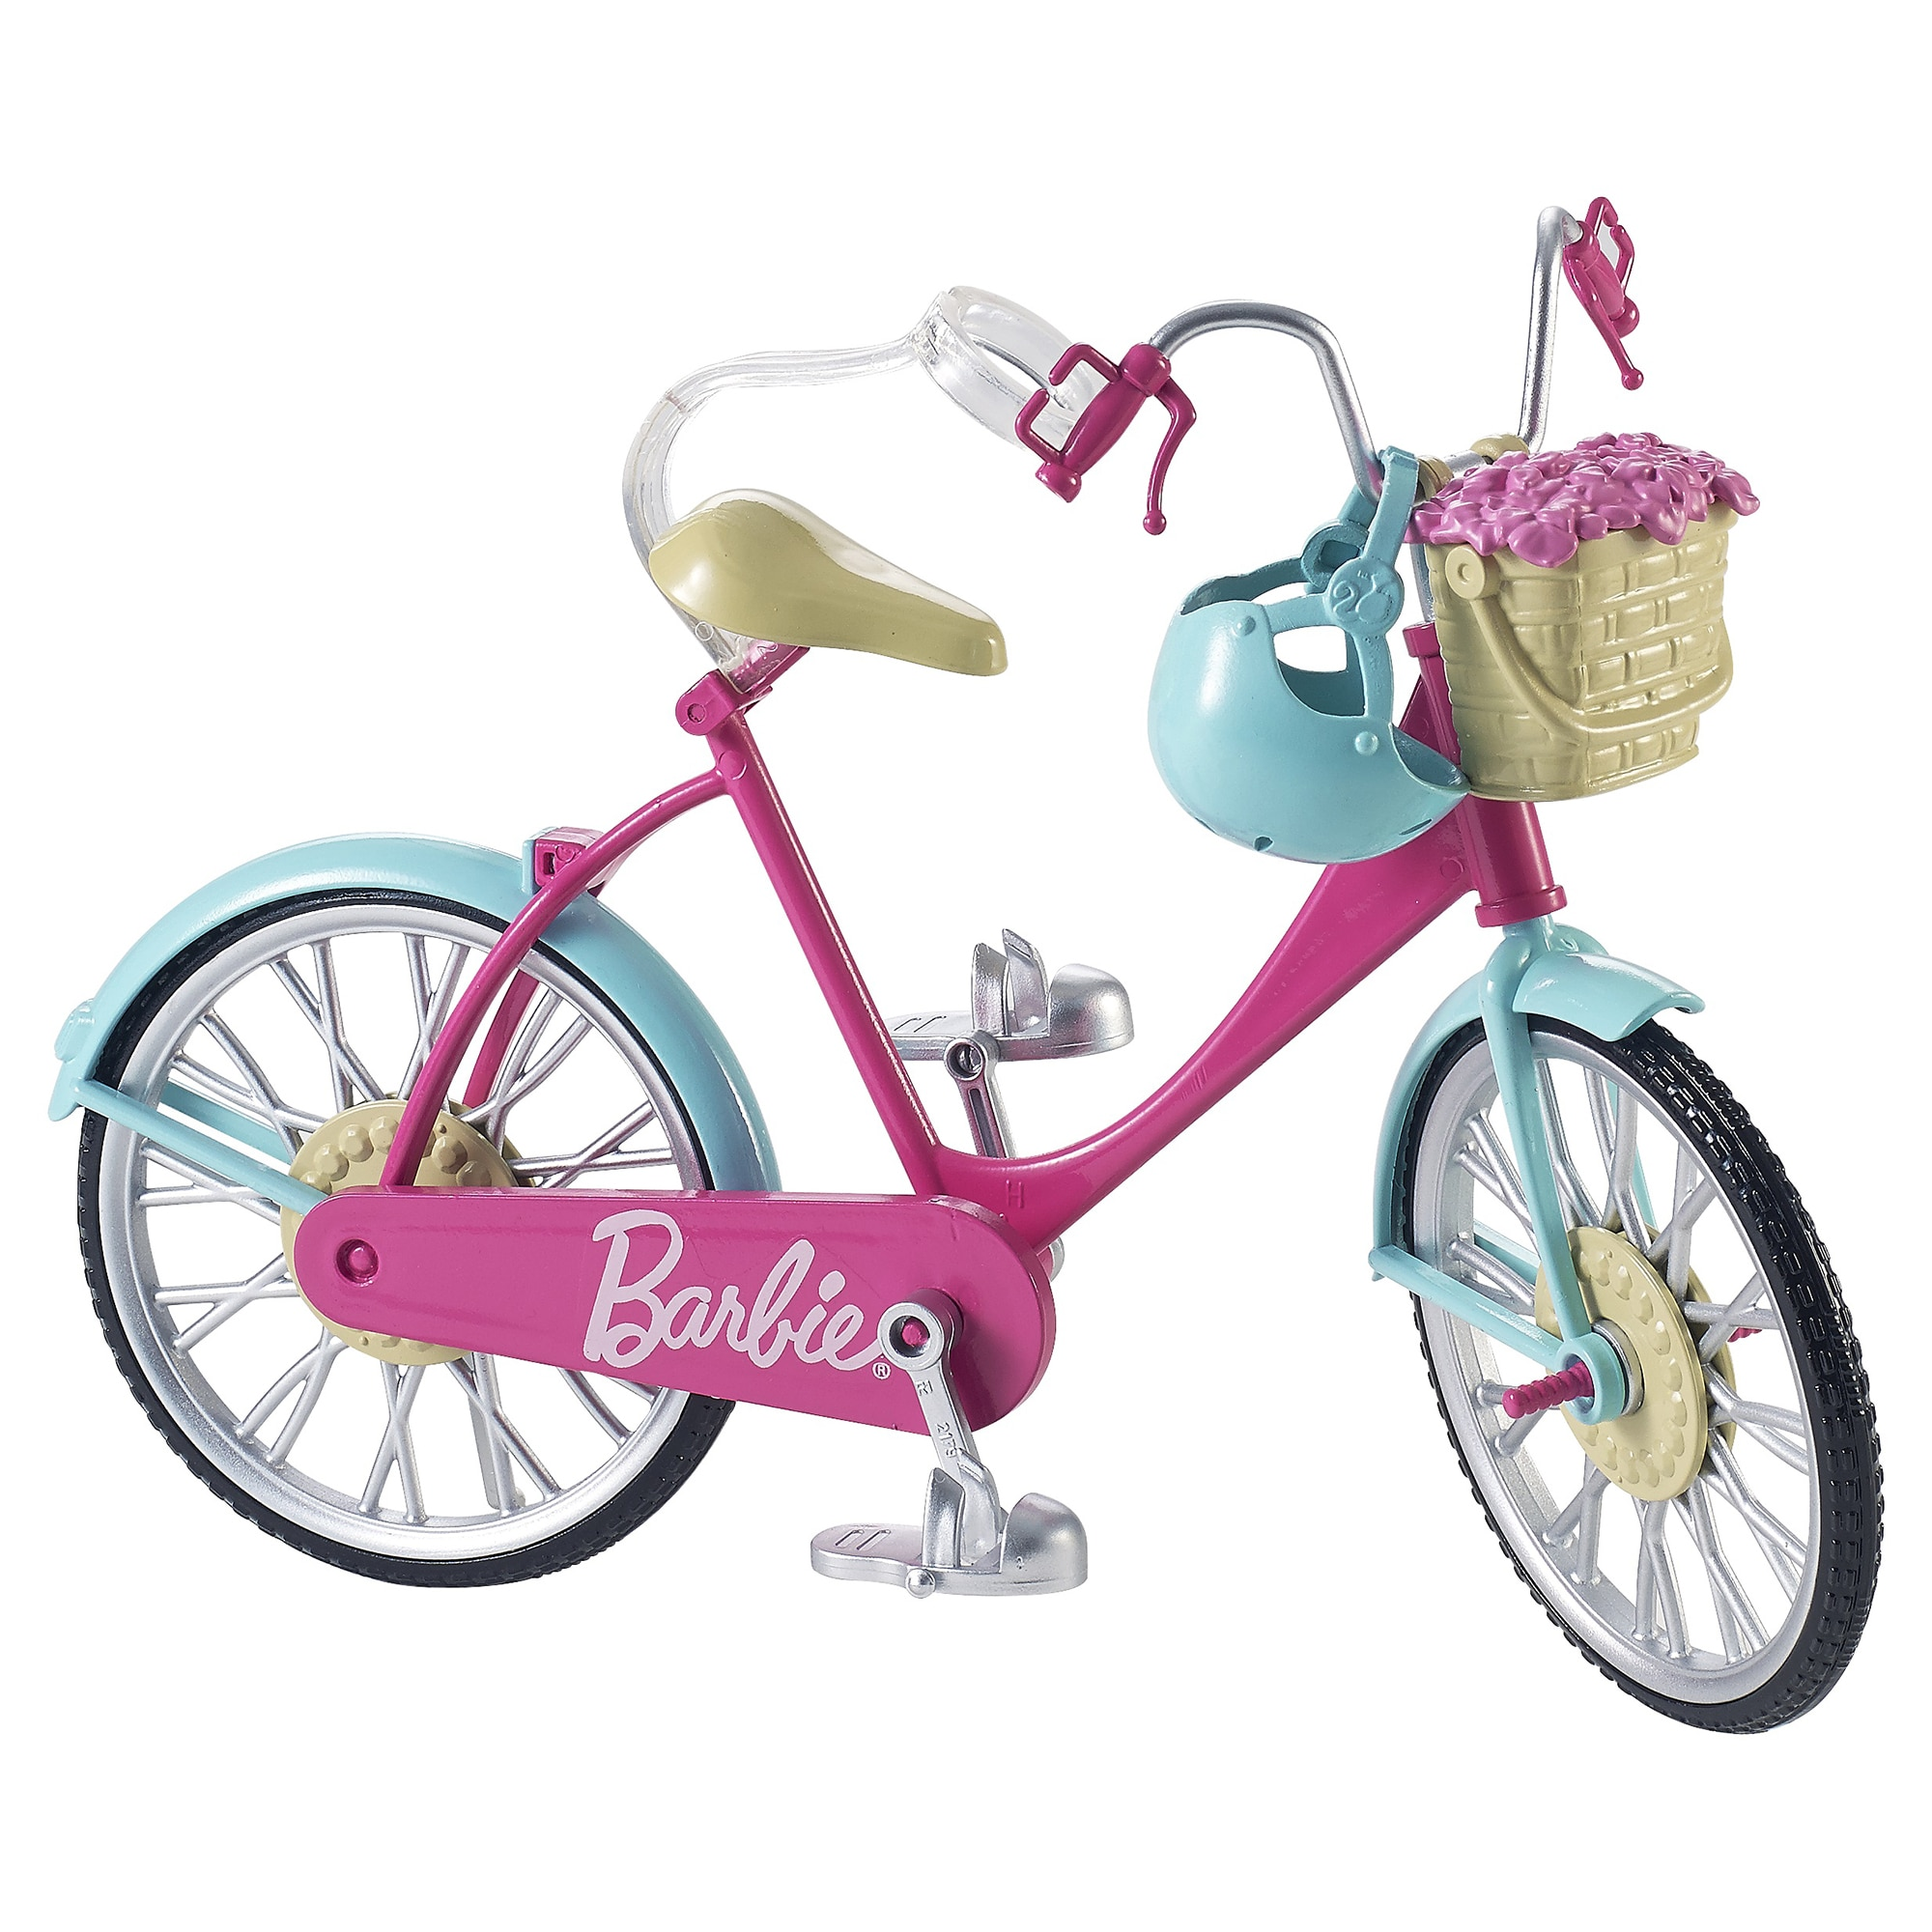 Fotografie Bicicleta Barbie®, cu accesorii